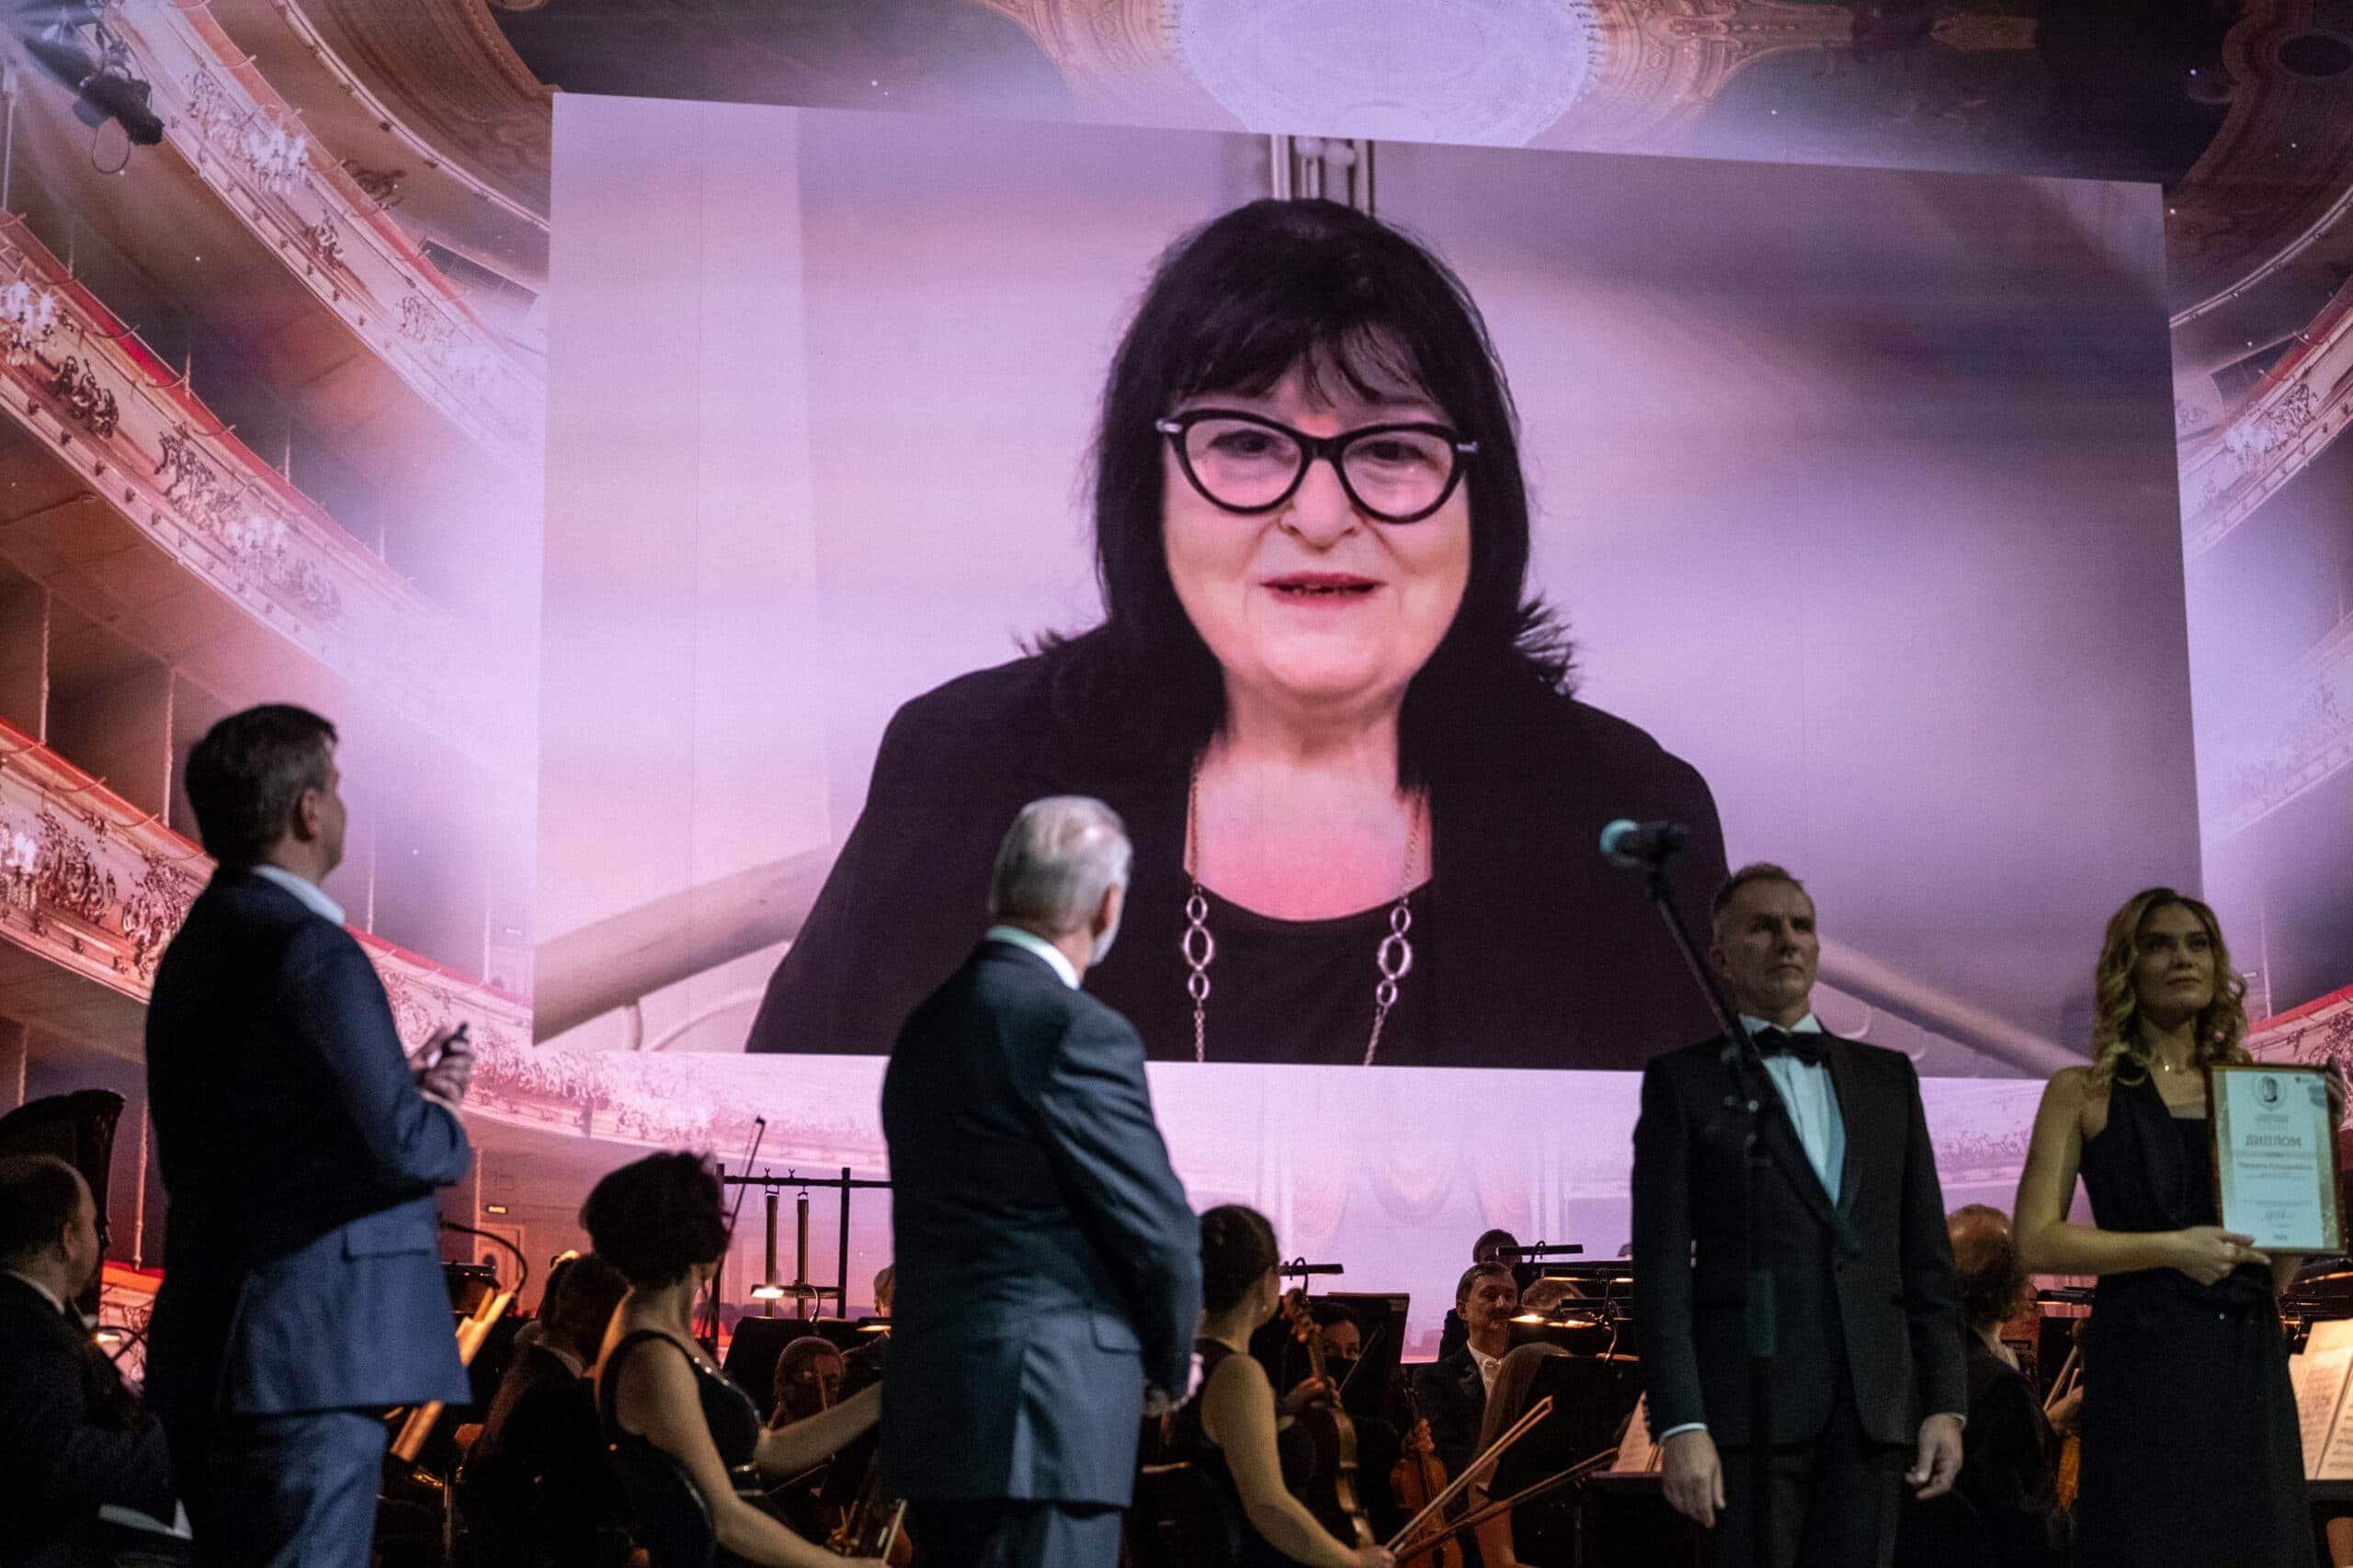 ماکوالا کسراشویلی ، برنده جایزه